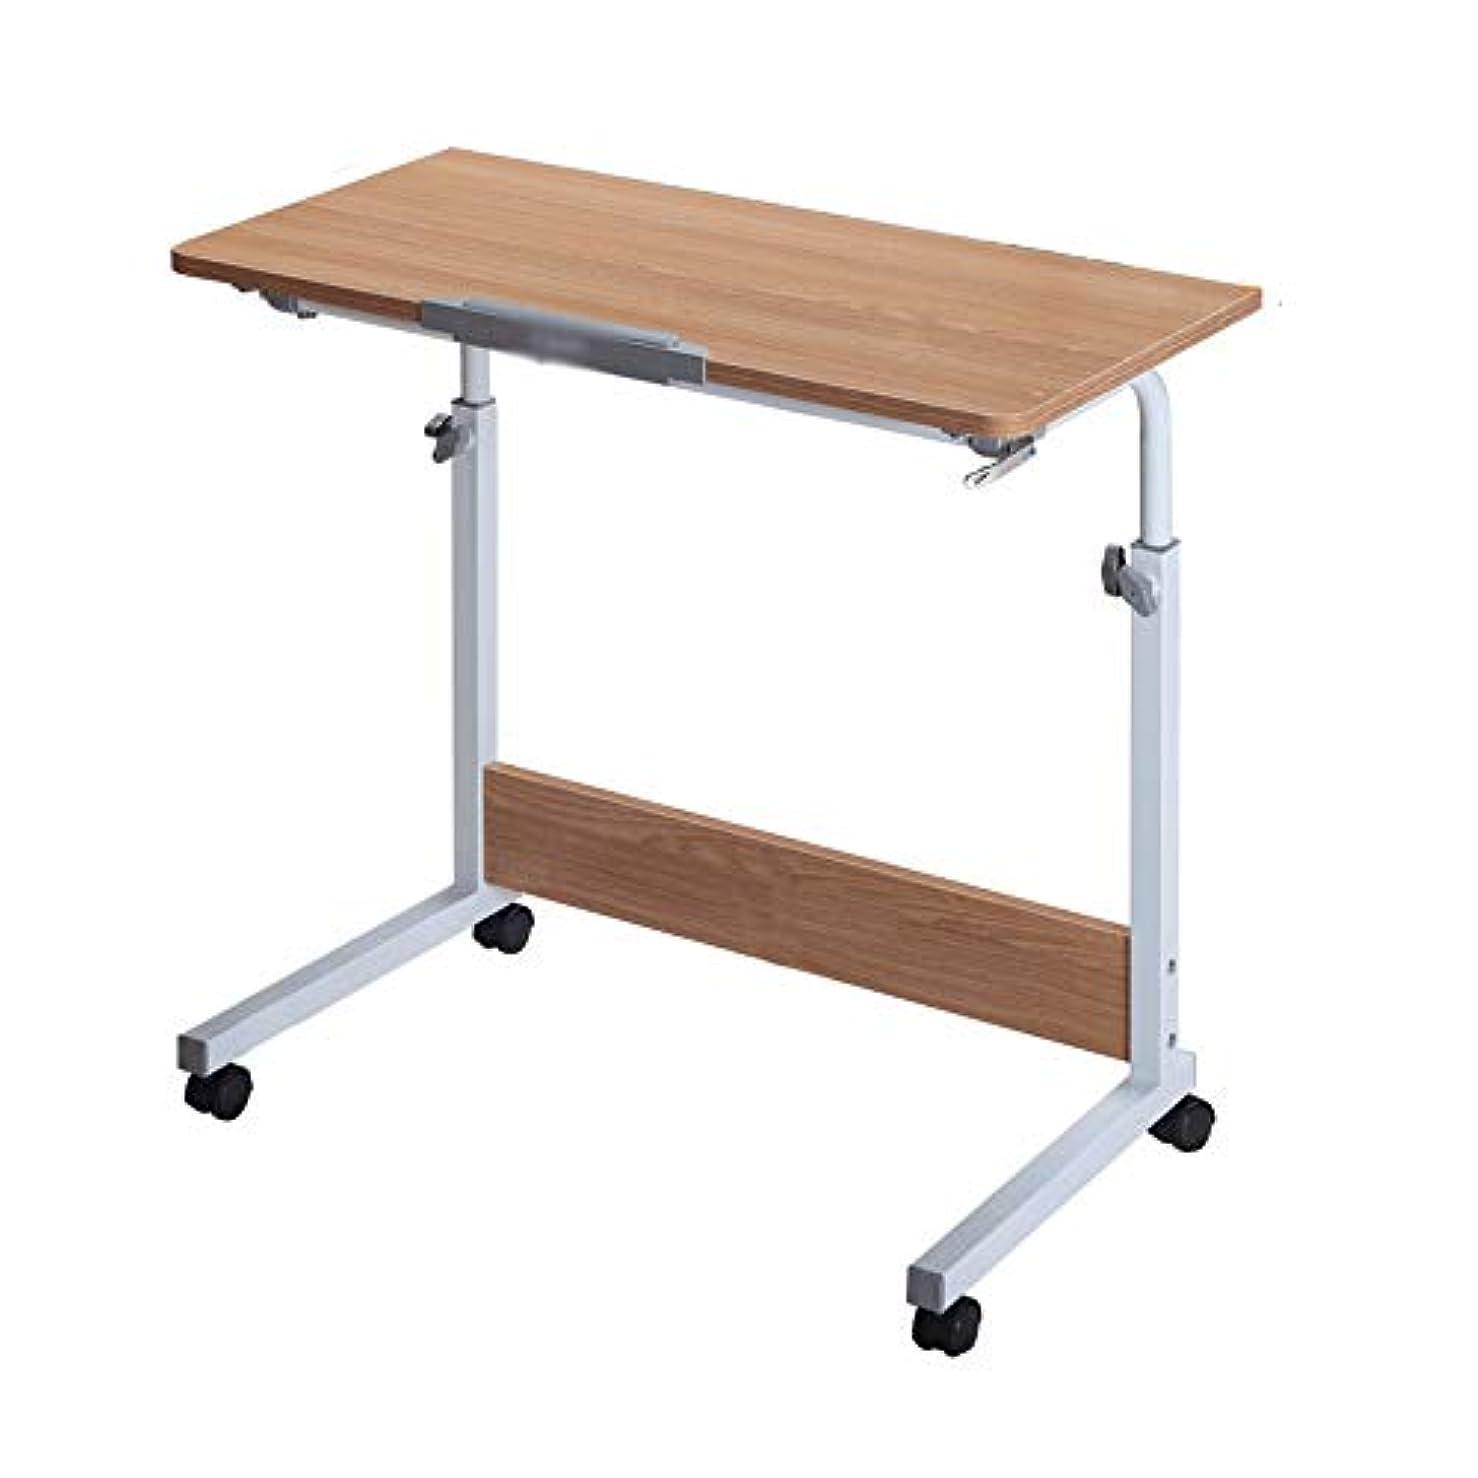 高原ジョブ喜んでLJHA zhuozi 折りたたみ式テーブル長方形、優れた安定性、スチール製ブラケット、調節可能な高さと角度、持ち運びが簡単、100Kg耐荷重、2色 (色 : オレンジ, サイズ さいず : 80×40×97cm)